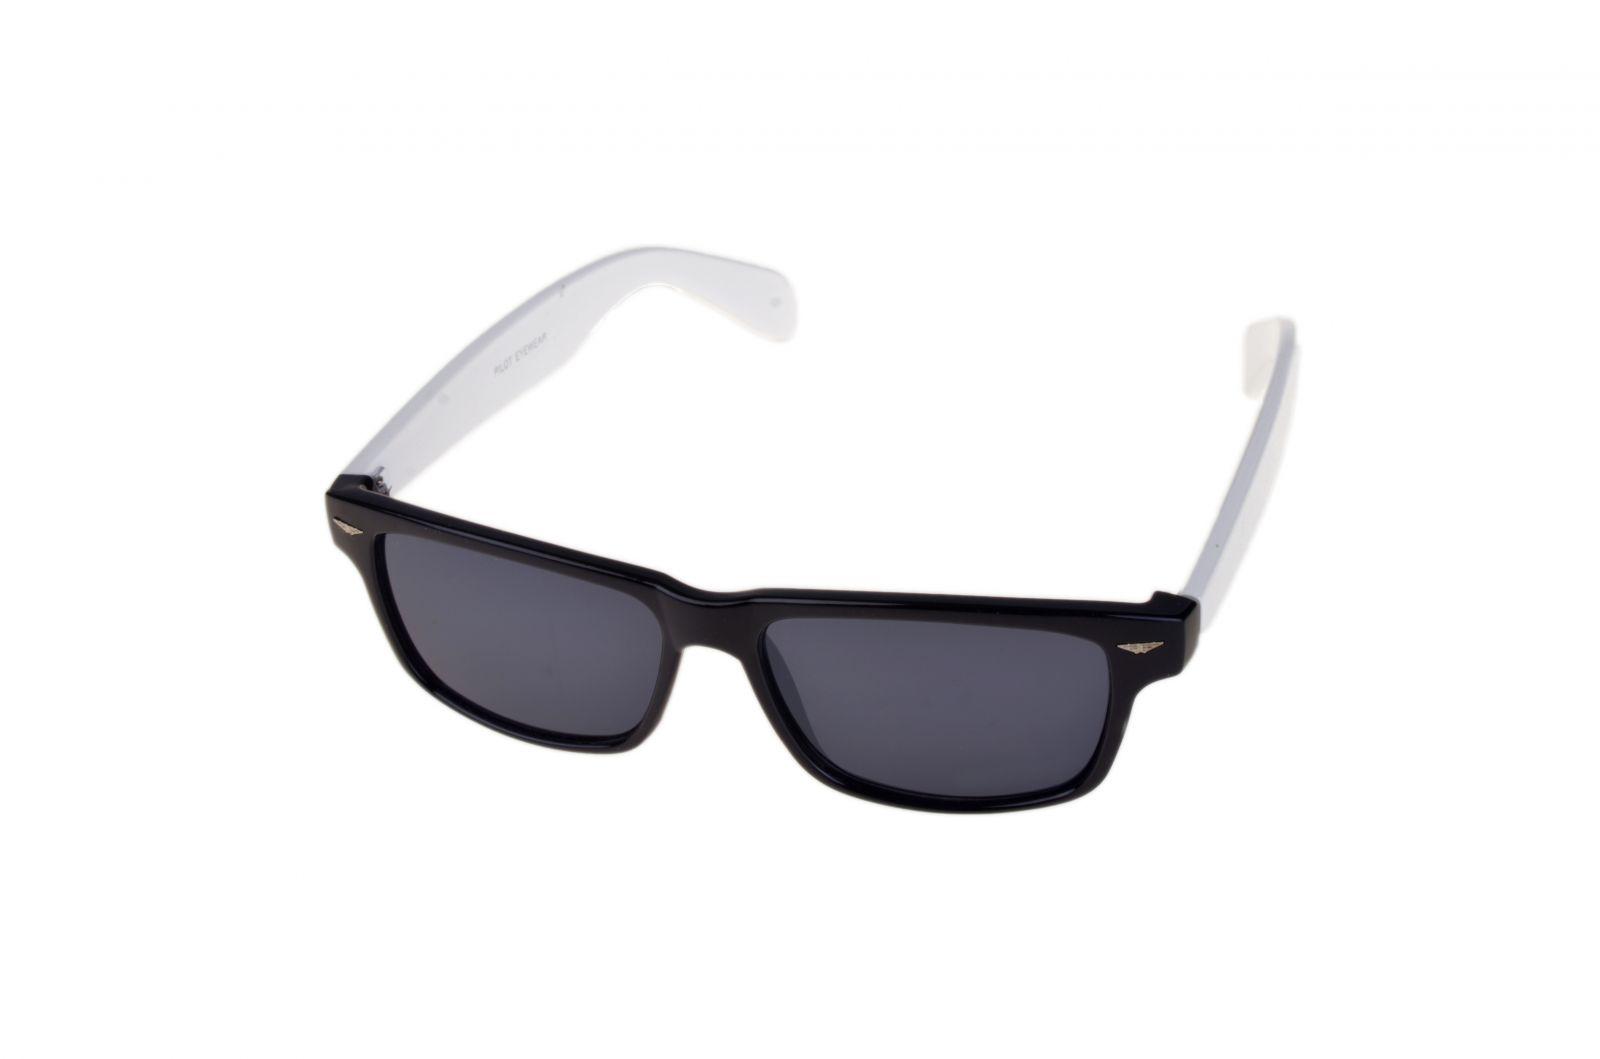 Sluneční brýle AP710102 CAT.3 PILOT E-batoh